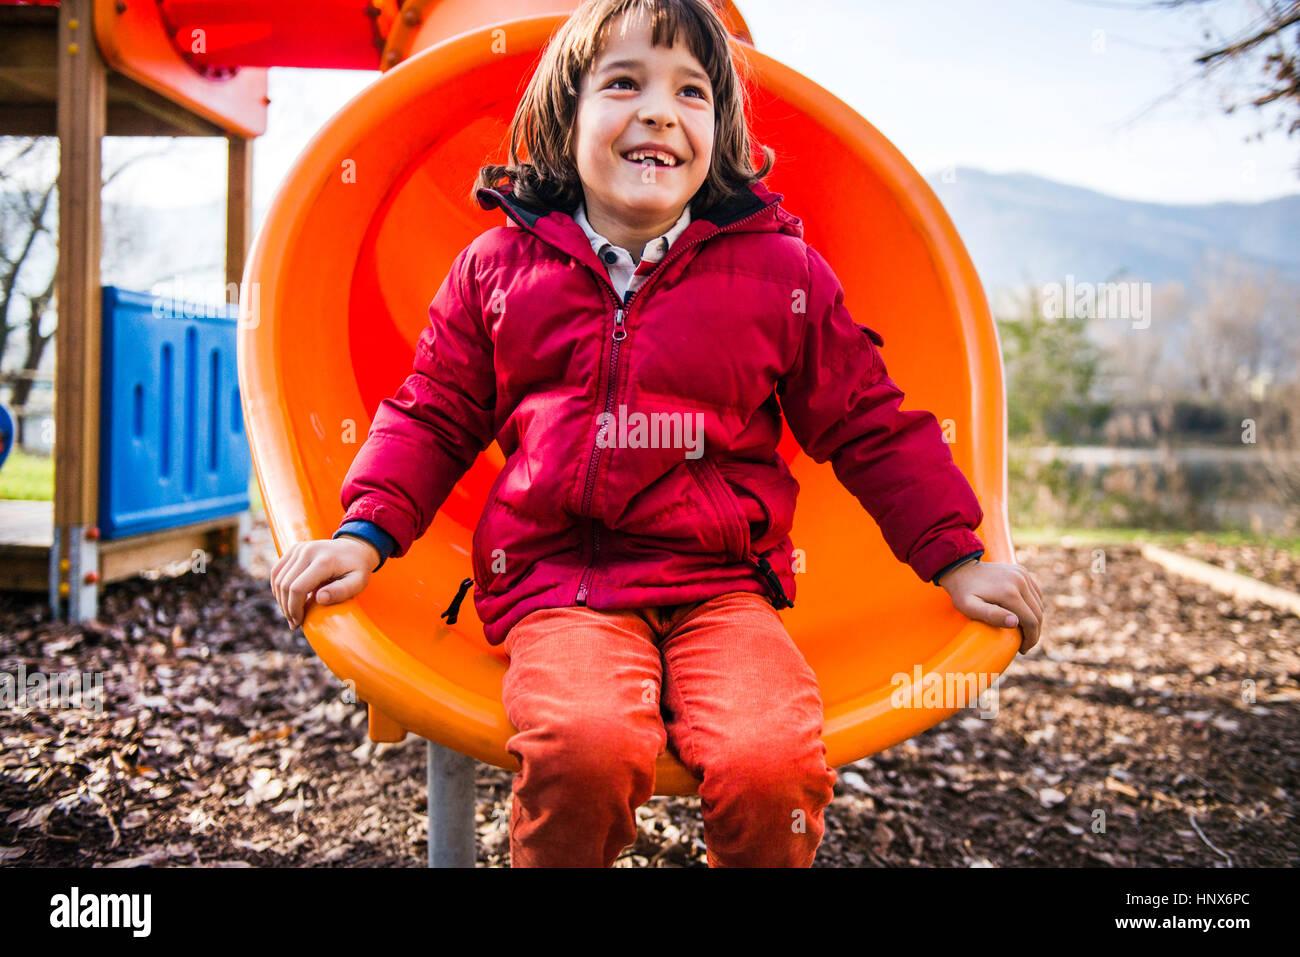 Junge sitzt auf orange Rutschbahn Stockbild